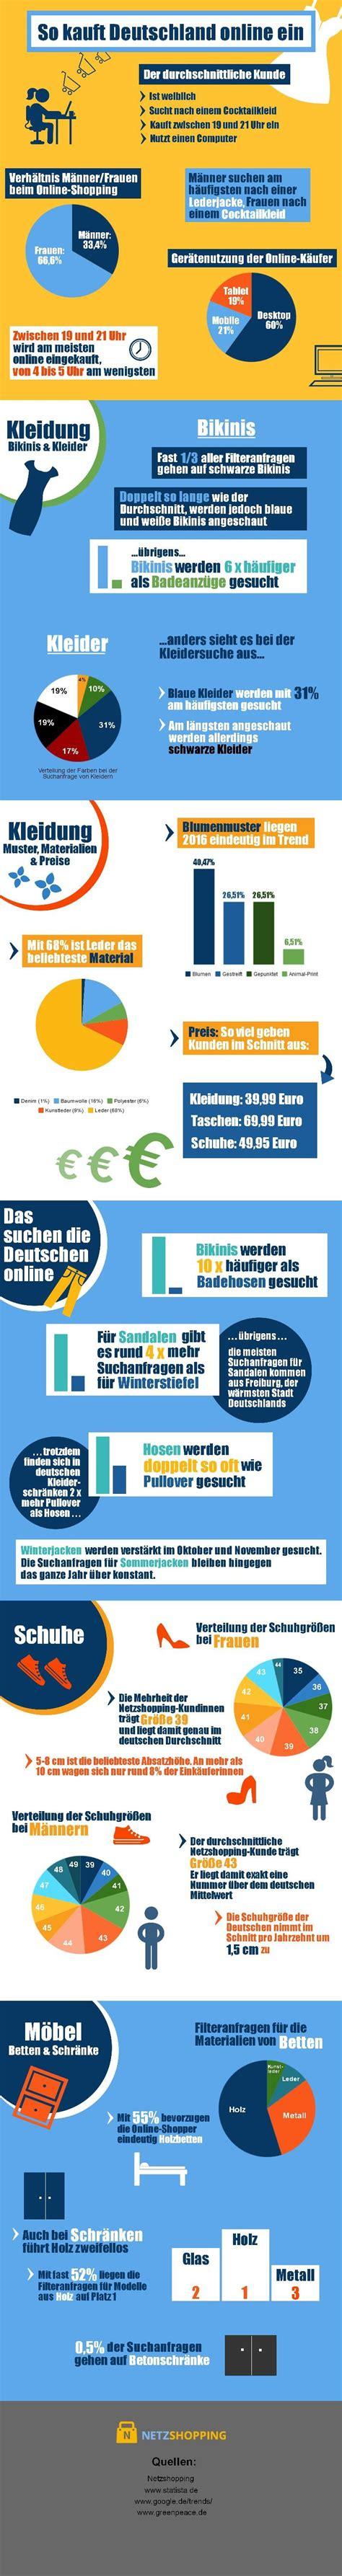 Search Deutschland Search Results For Konsumverhalten 2015 Deutschland Calendar 2015